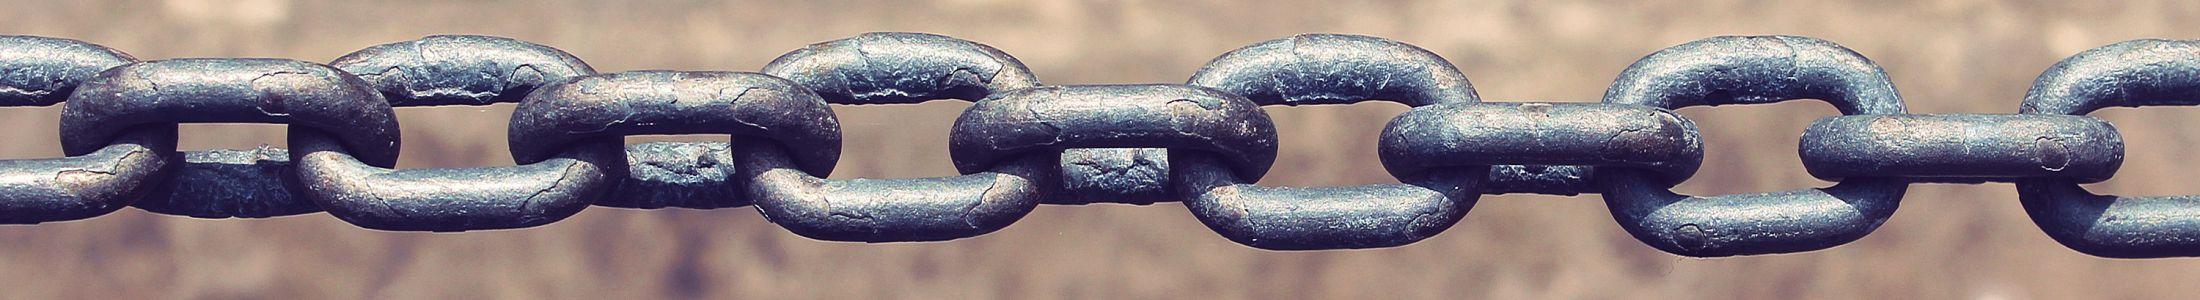 gestion cadena suministro